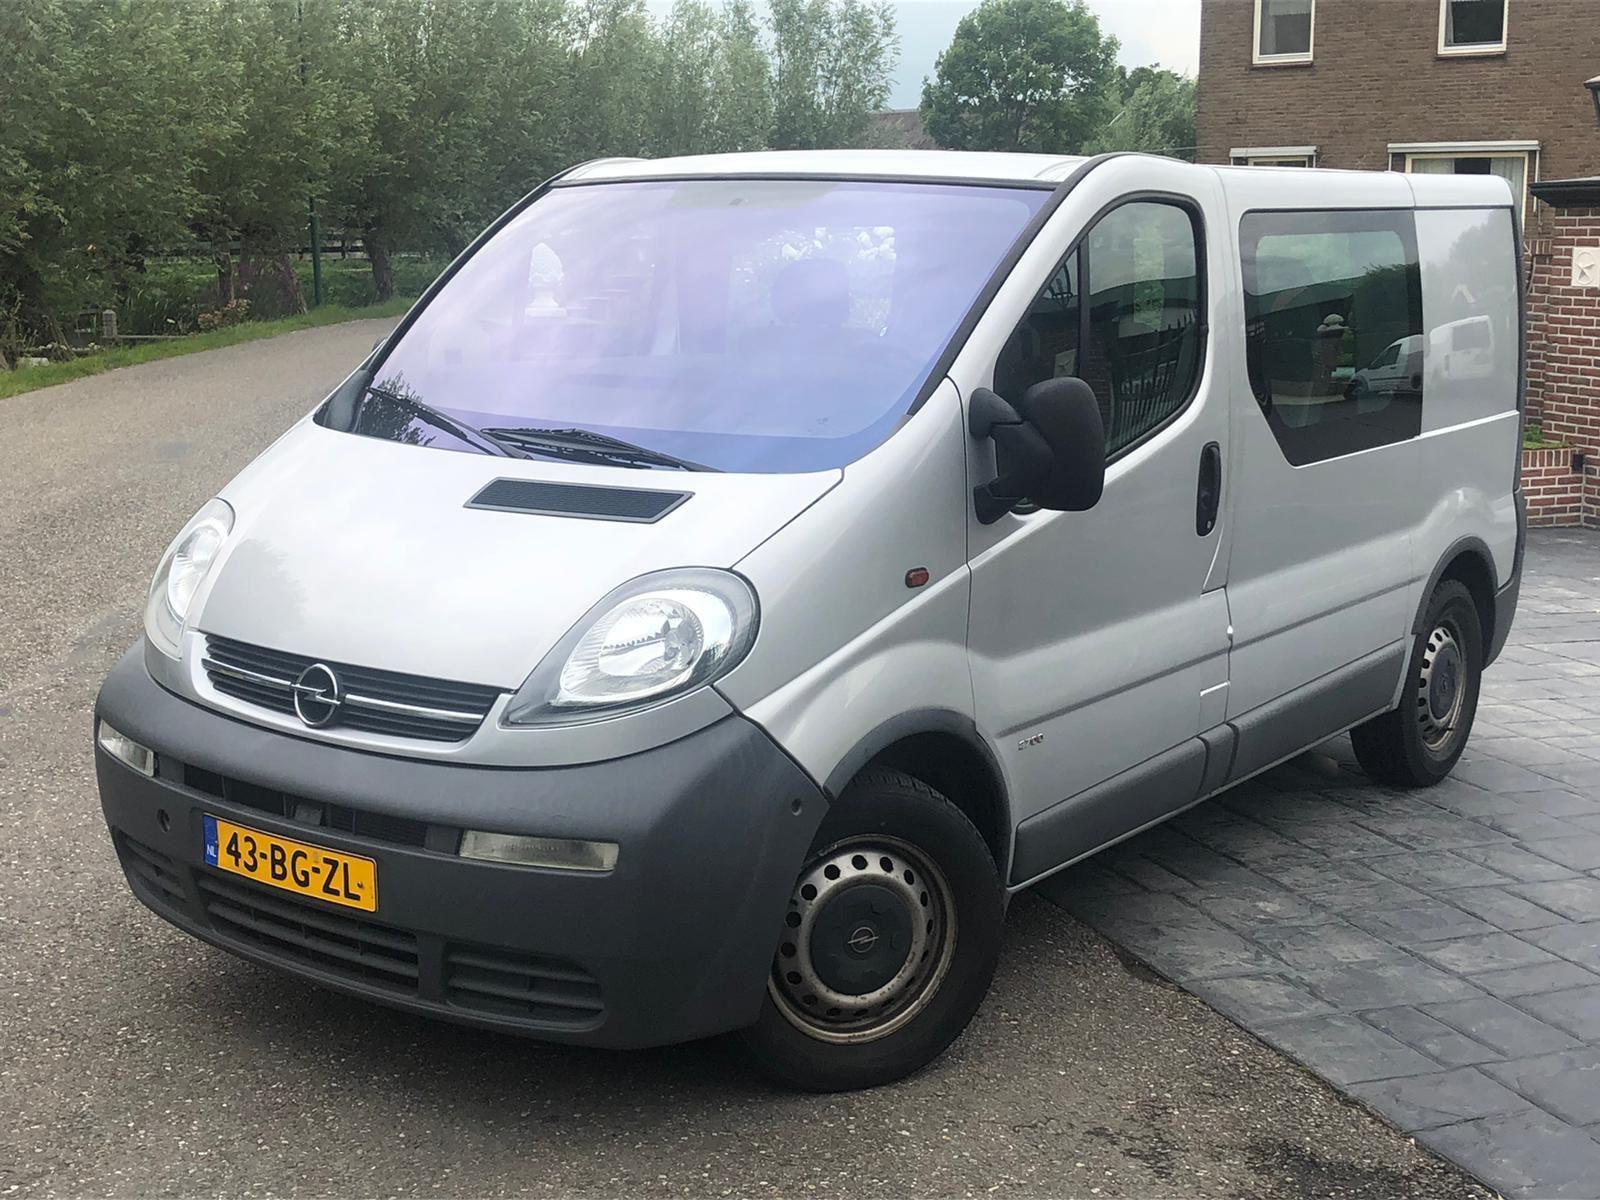 Opel VIVARO 1.9DTI 2.7T L1H1 occasion - Autobedrijf Oudewater